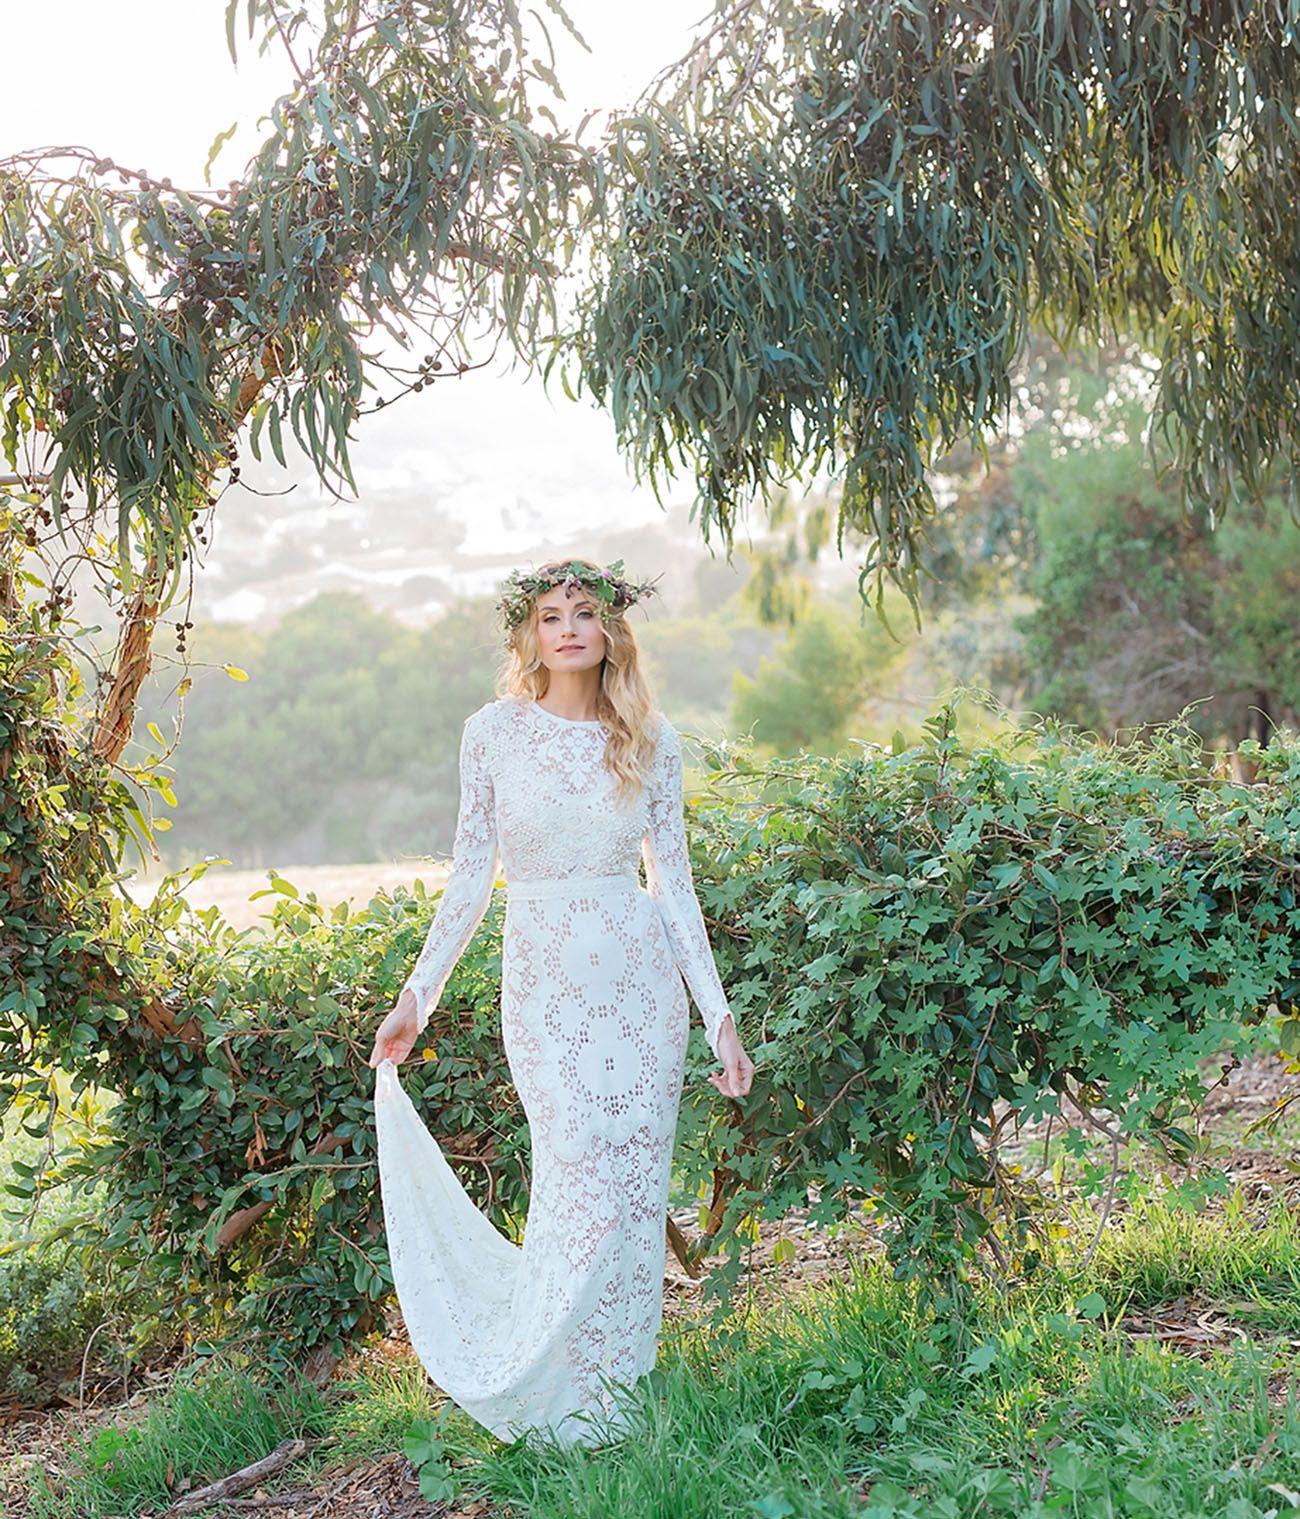 Nature wedding dress  OneOfAKind Wedding Dresses from Saldana Vintage  Lace wedding